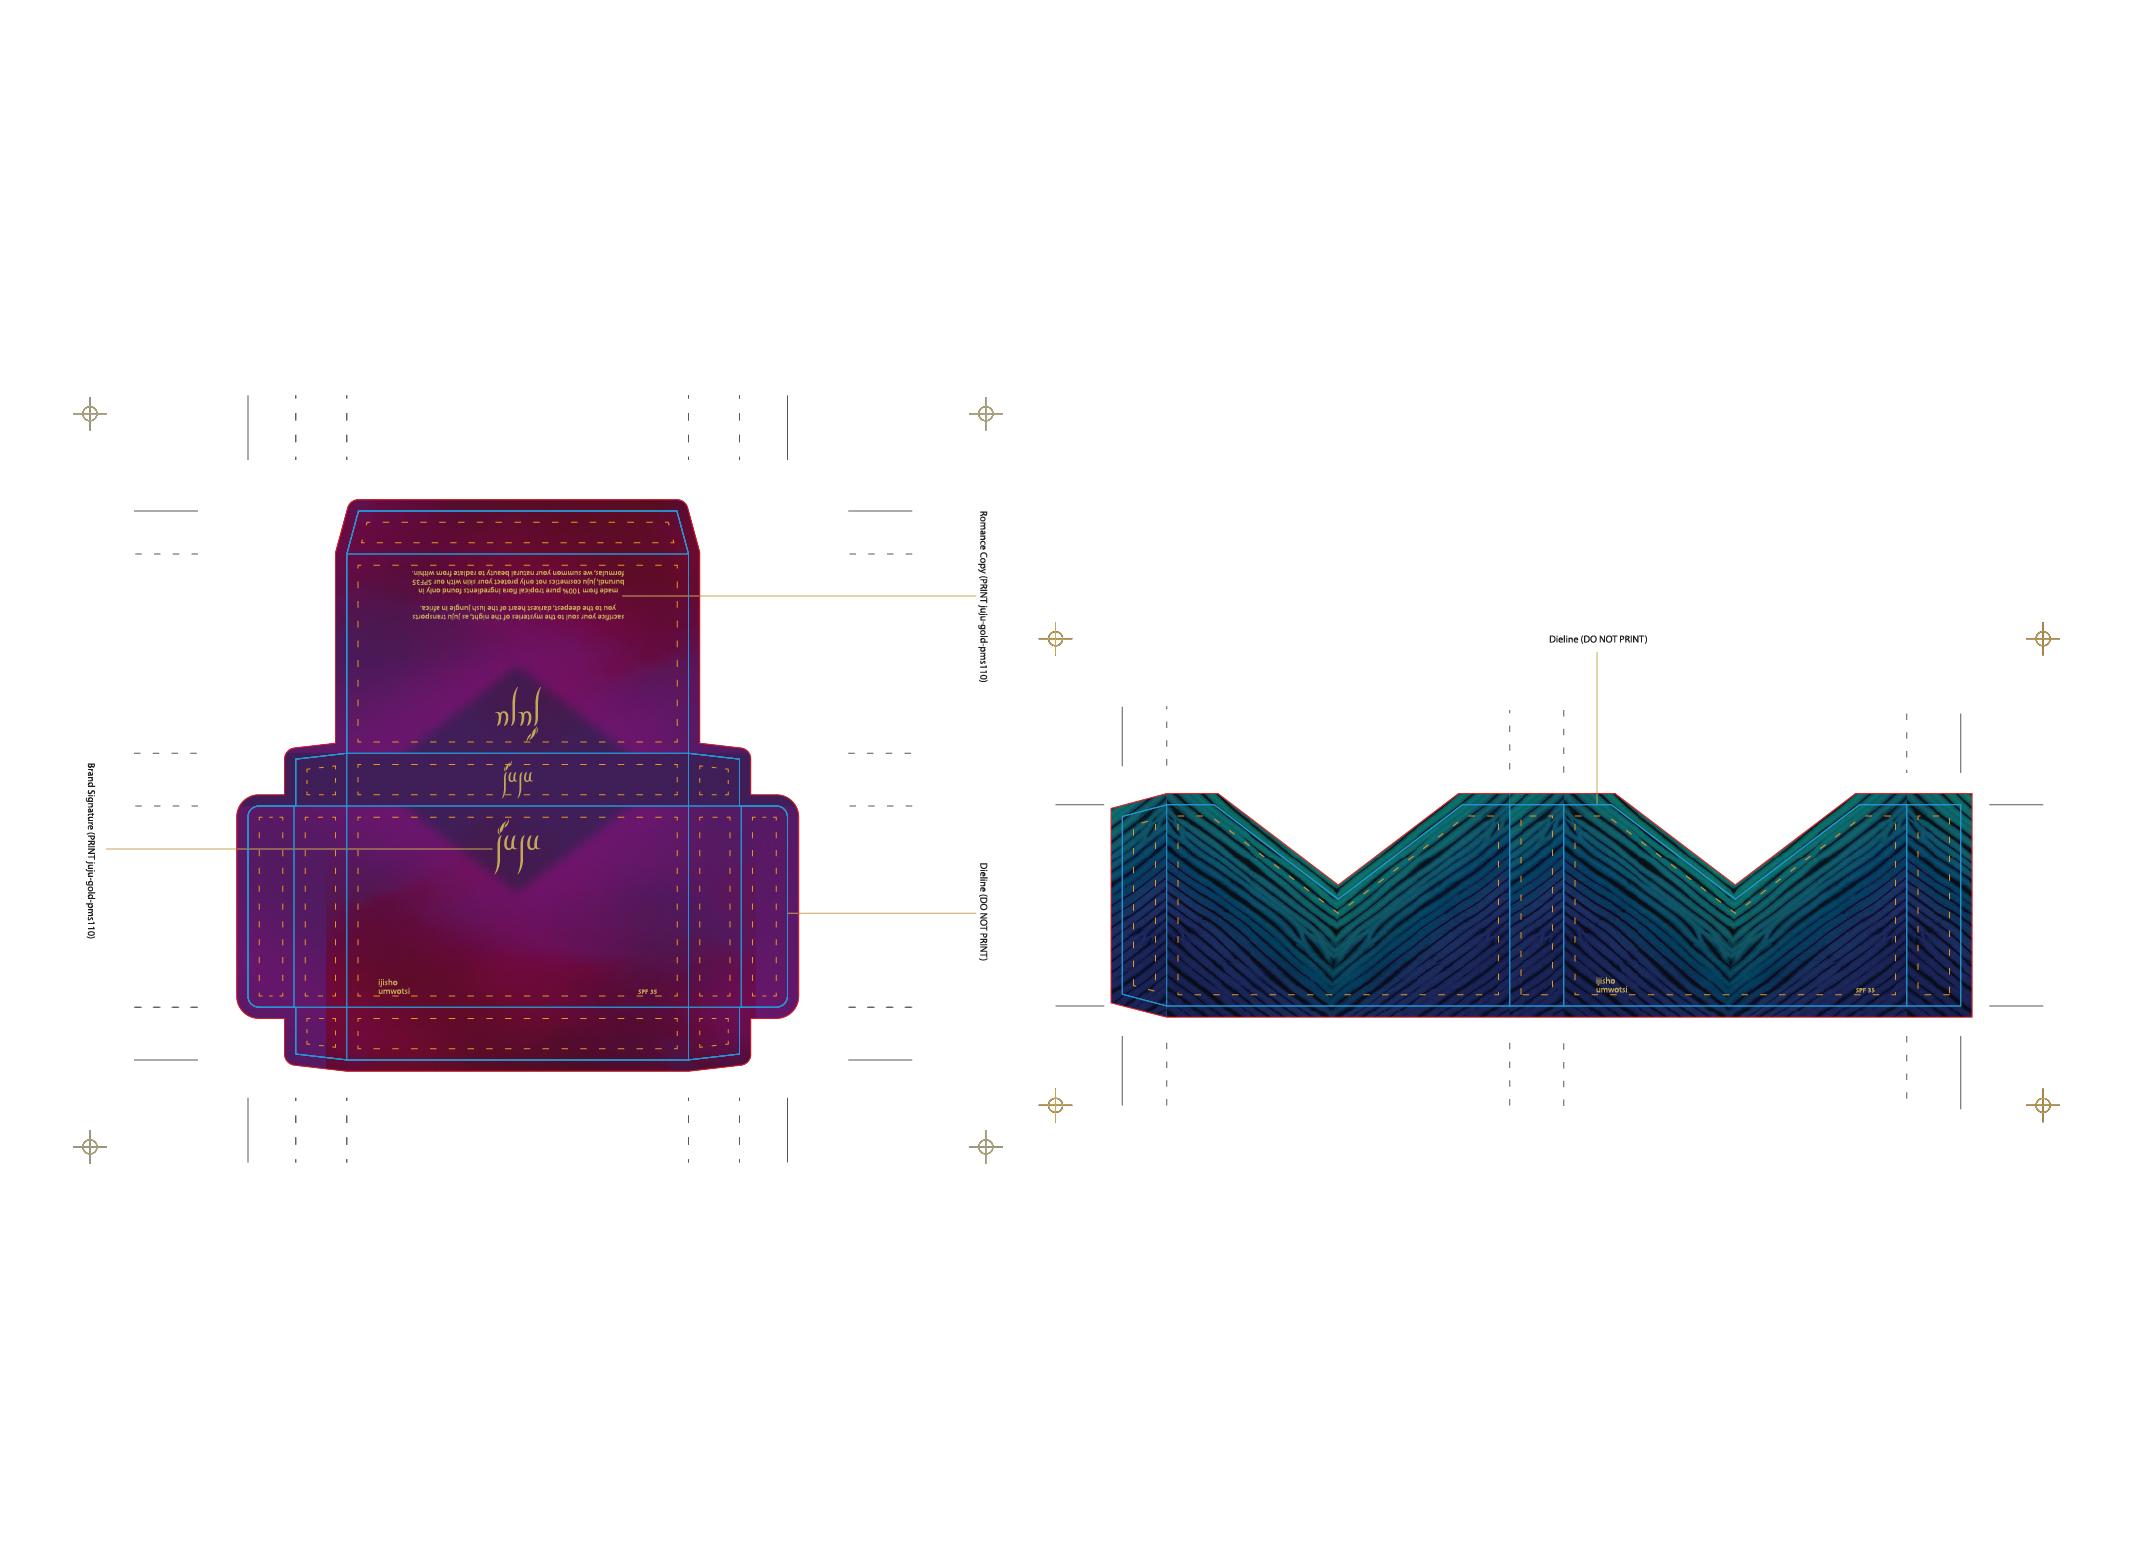 juju Square Space-08.jpg